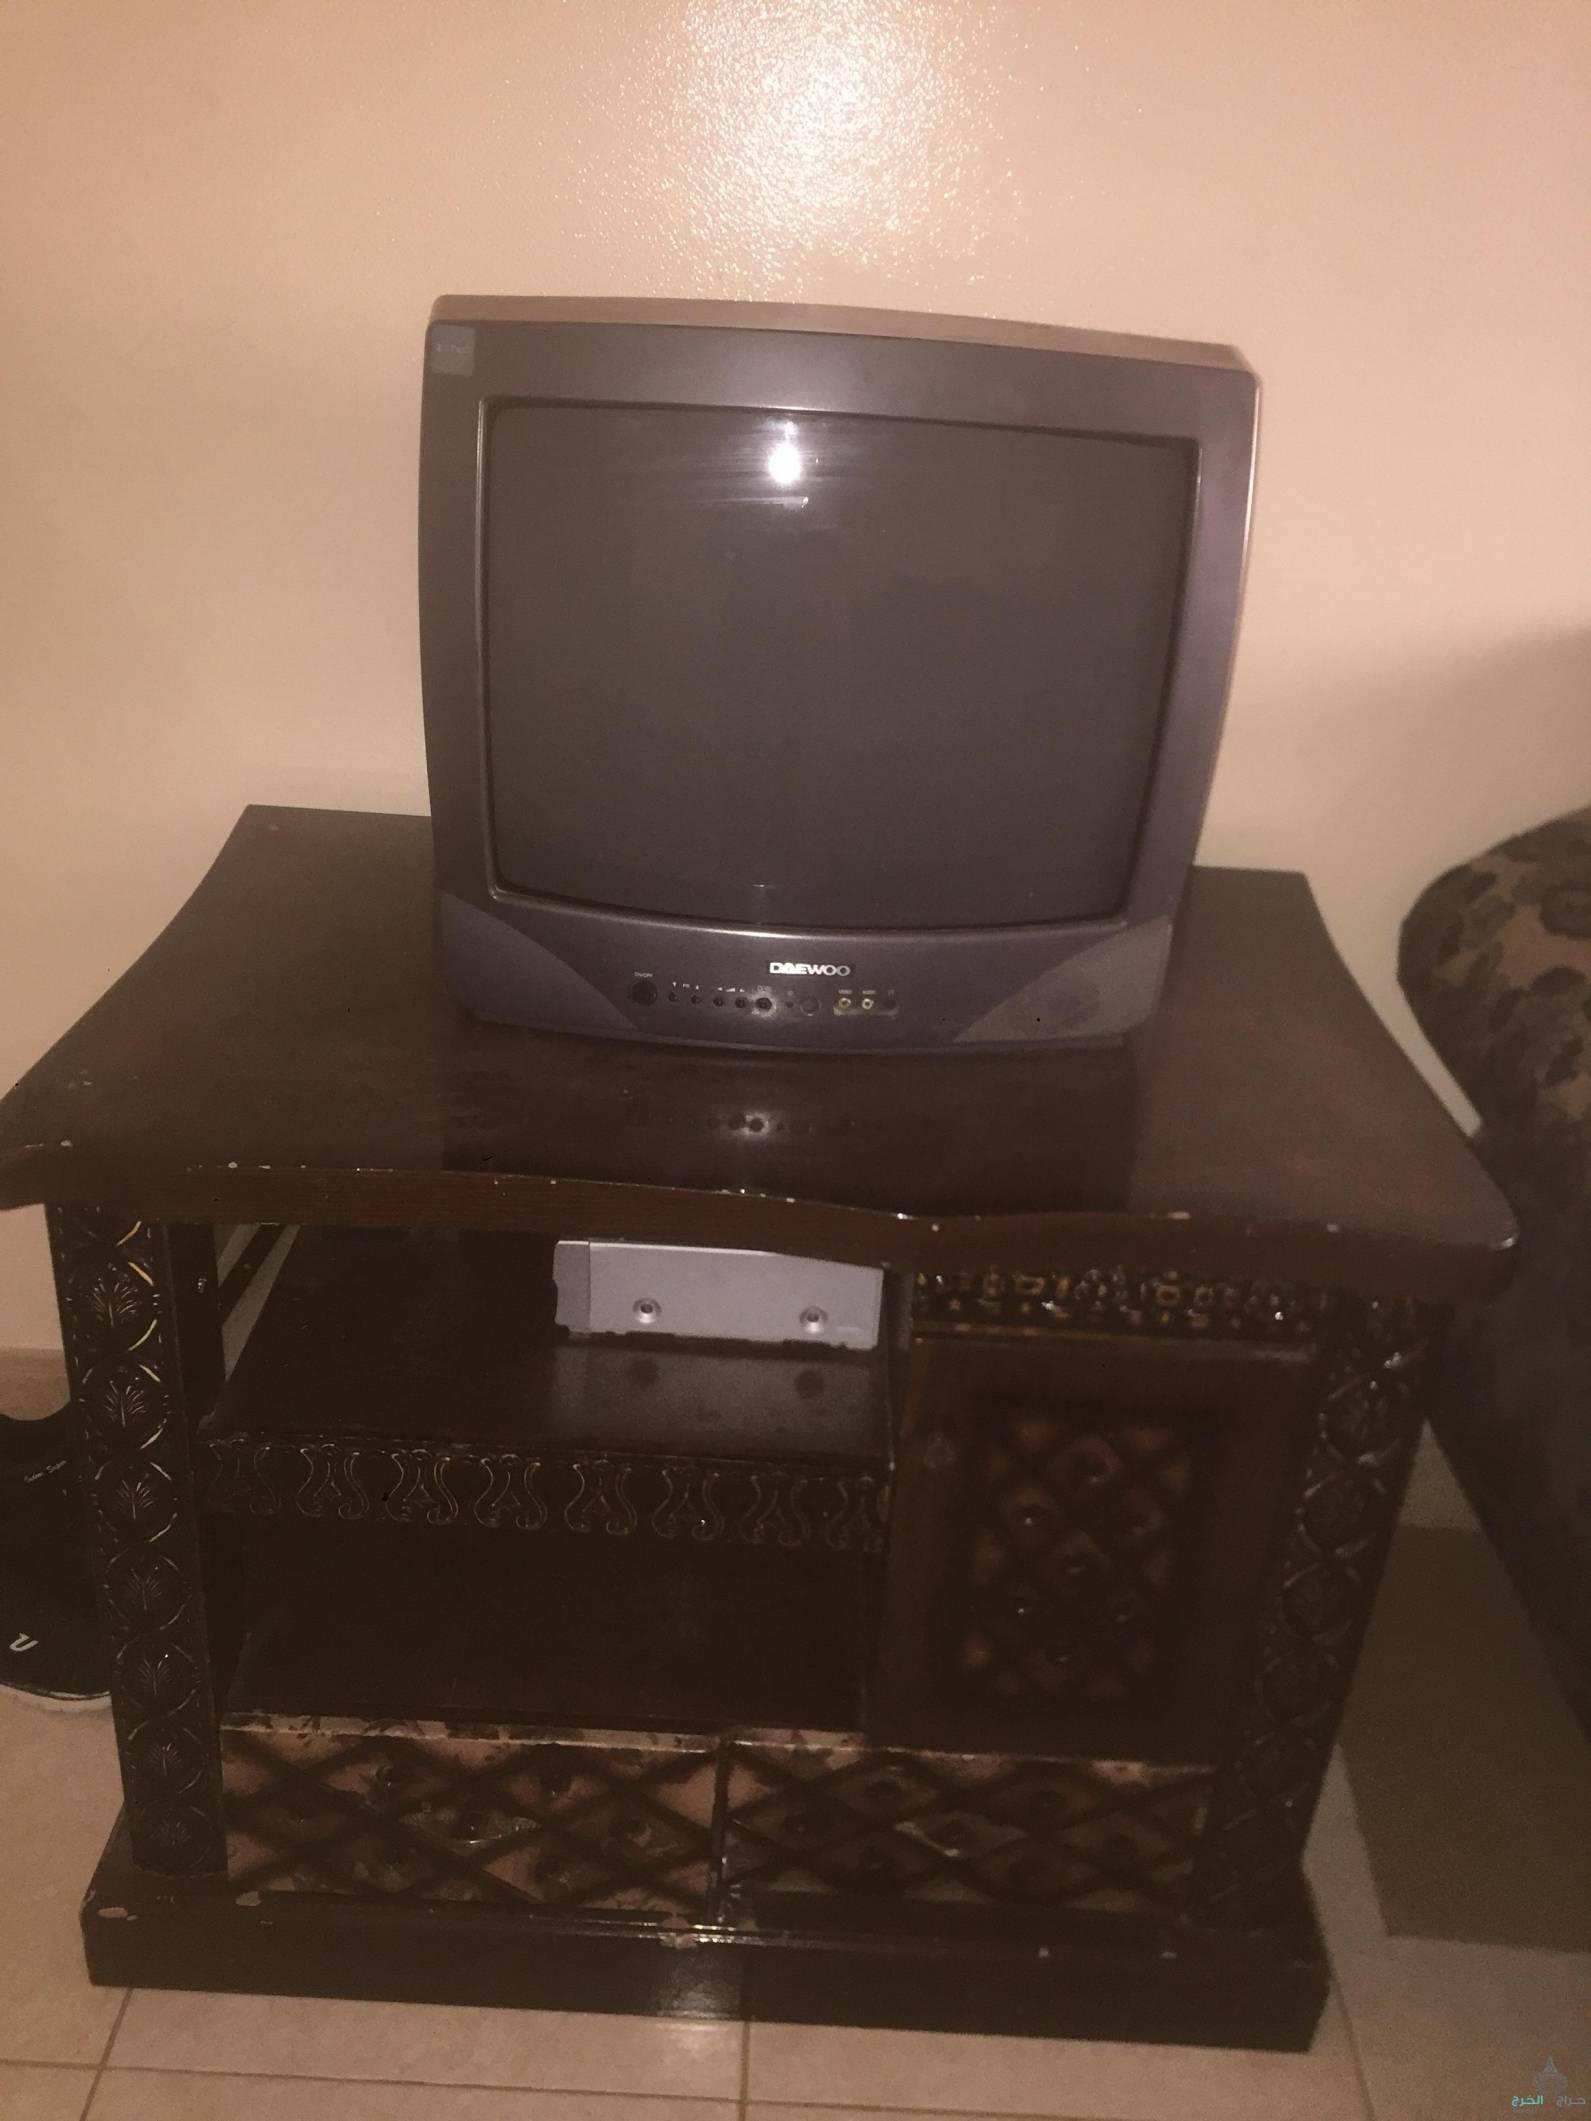 تلفزيون مع طاوله للبيع